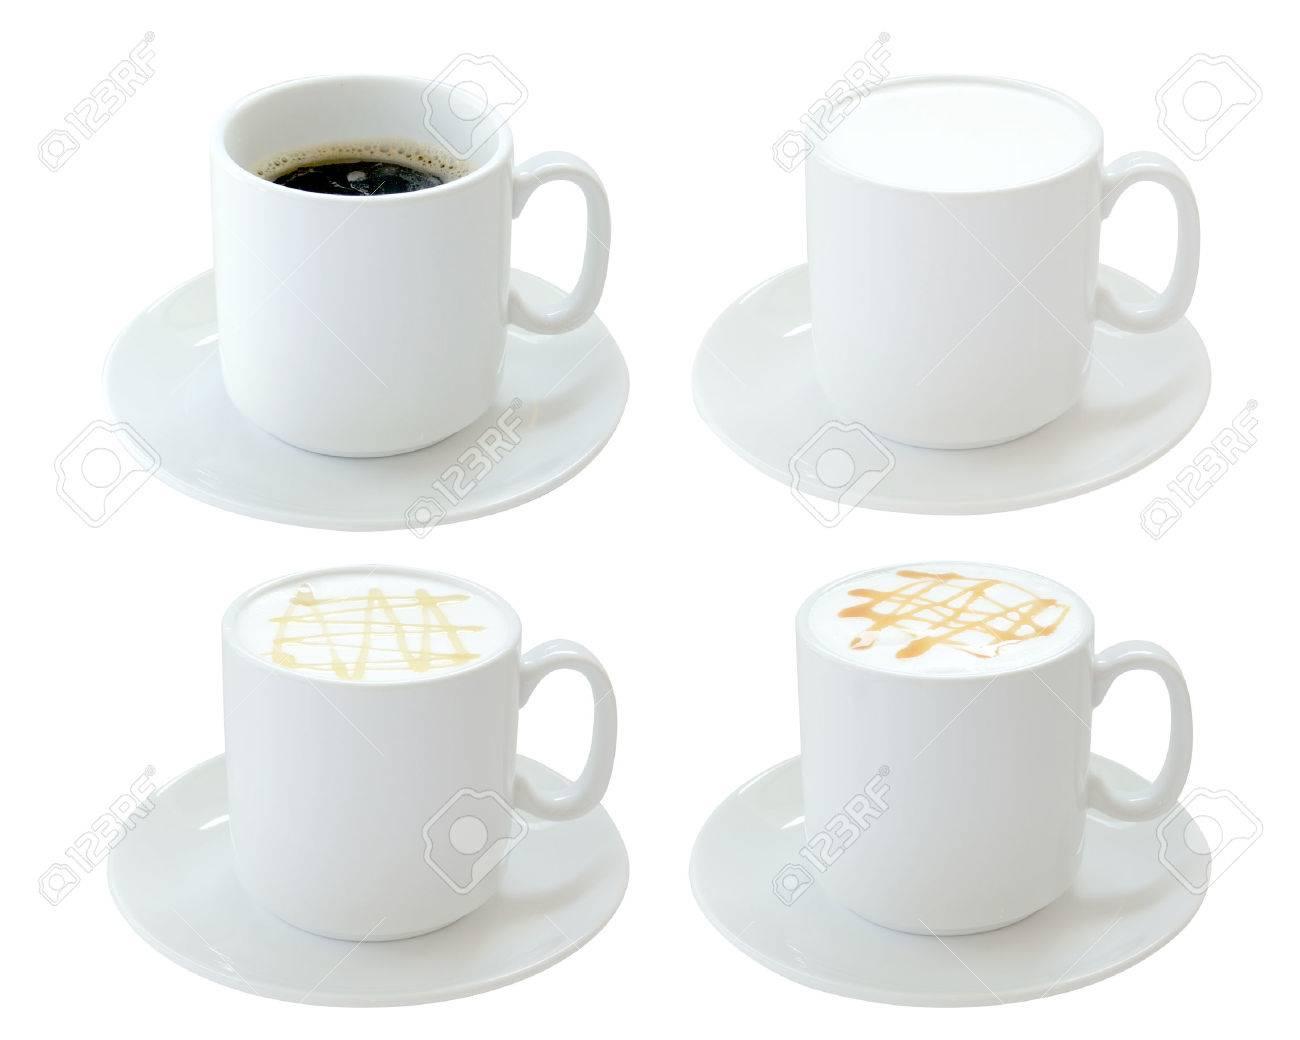 Set Warme Getränke Isoliert Auf Weißem Hintergrund Lizenzfreie Fotos ...